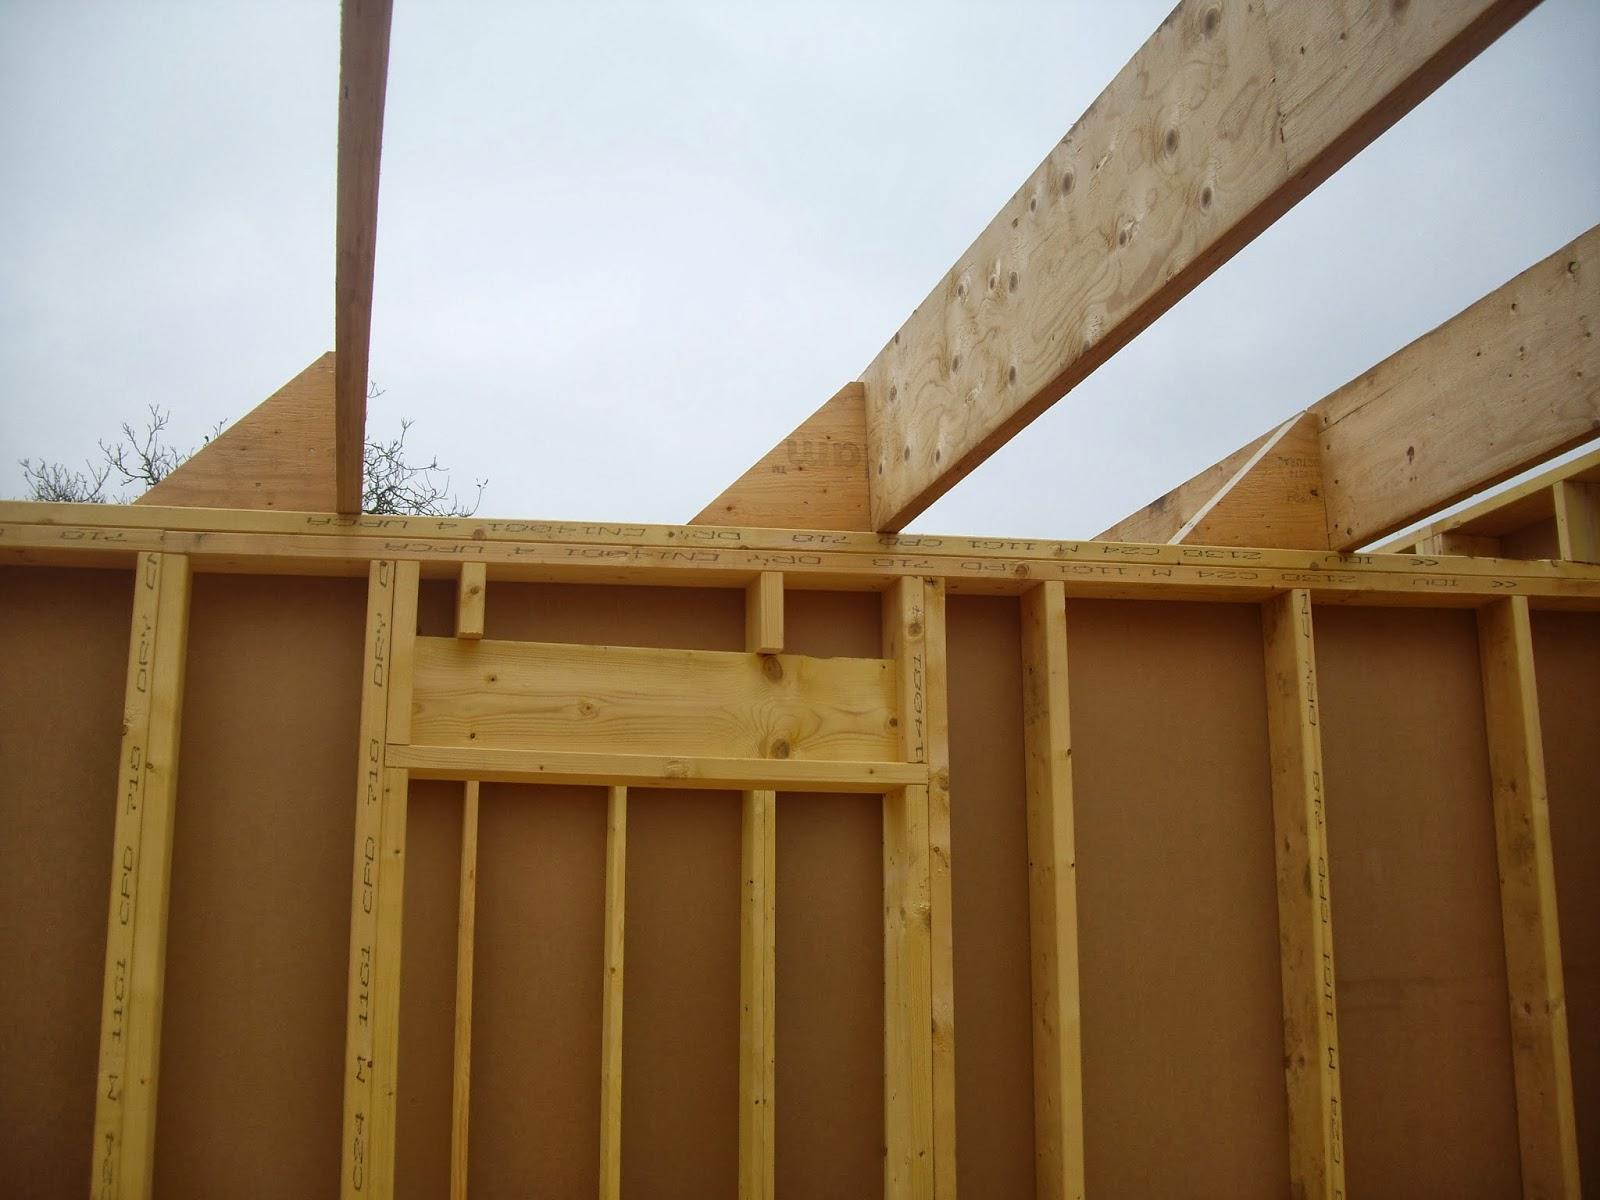 notre auto construction passive maison ossature bois m o b toiture plate maison. Black Bedroom Furniture Sets. Home Design Ideas